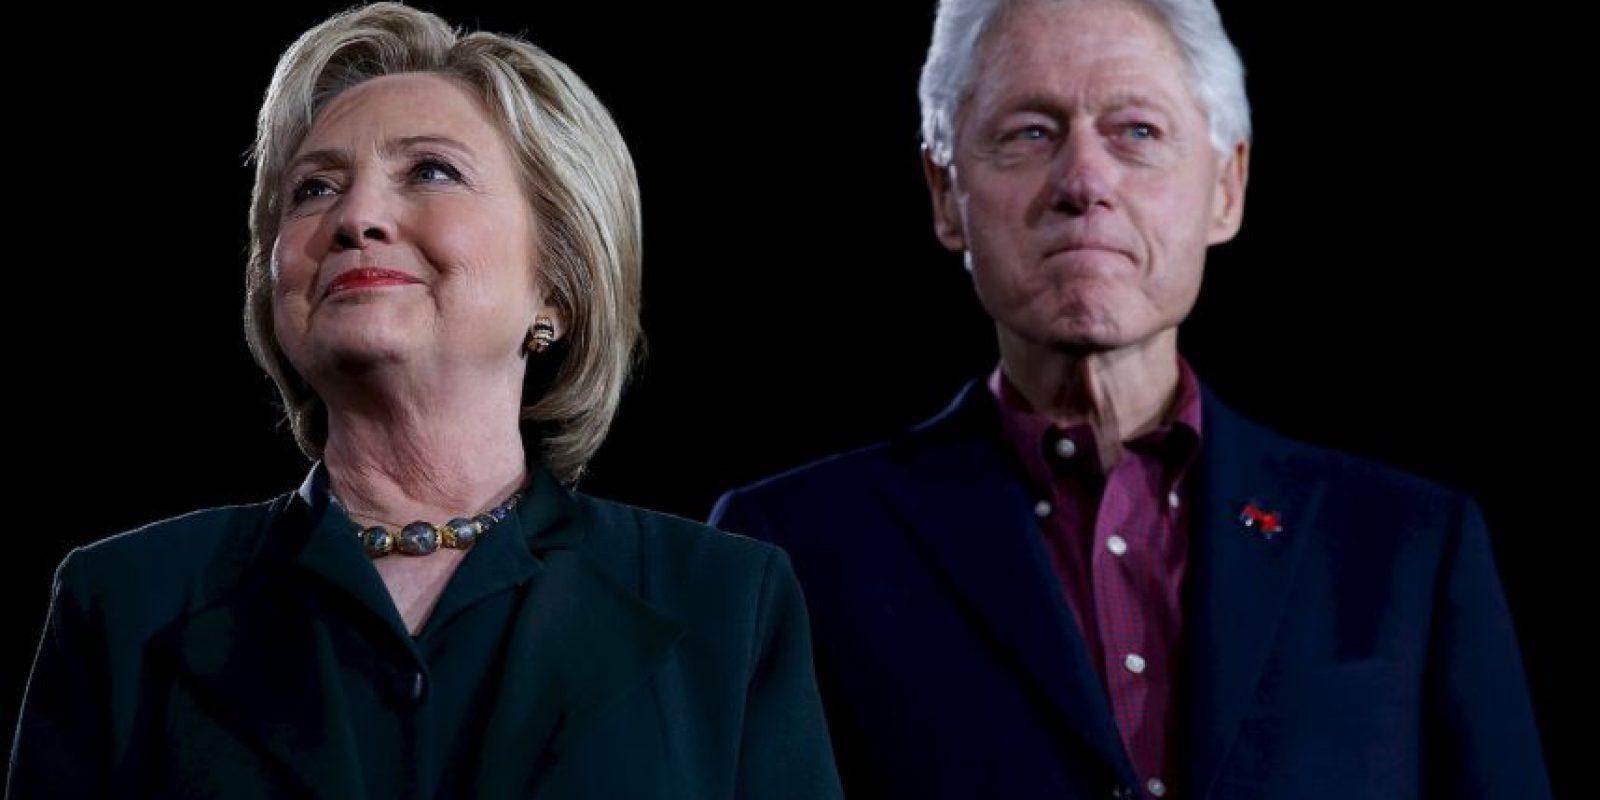 En 1998, luego de su aventura con Monica Lewinsky, Bill Clinton admitió su relación y pidió perdón a su familia y a los ciudadanos estadounidenses. Foto:Getty Images